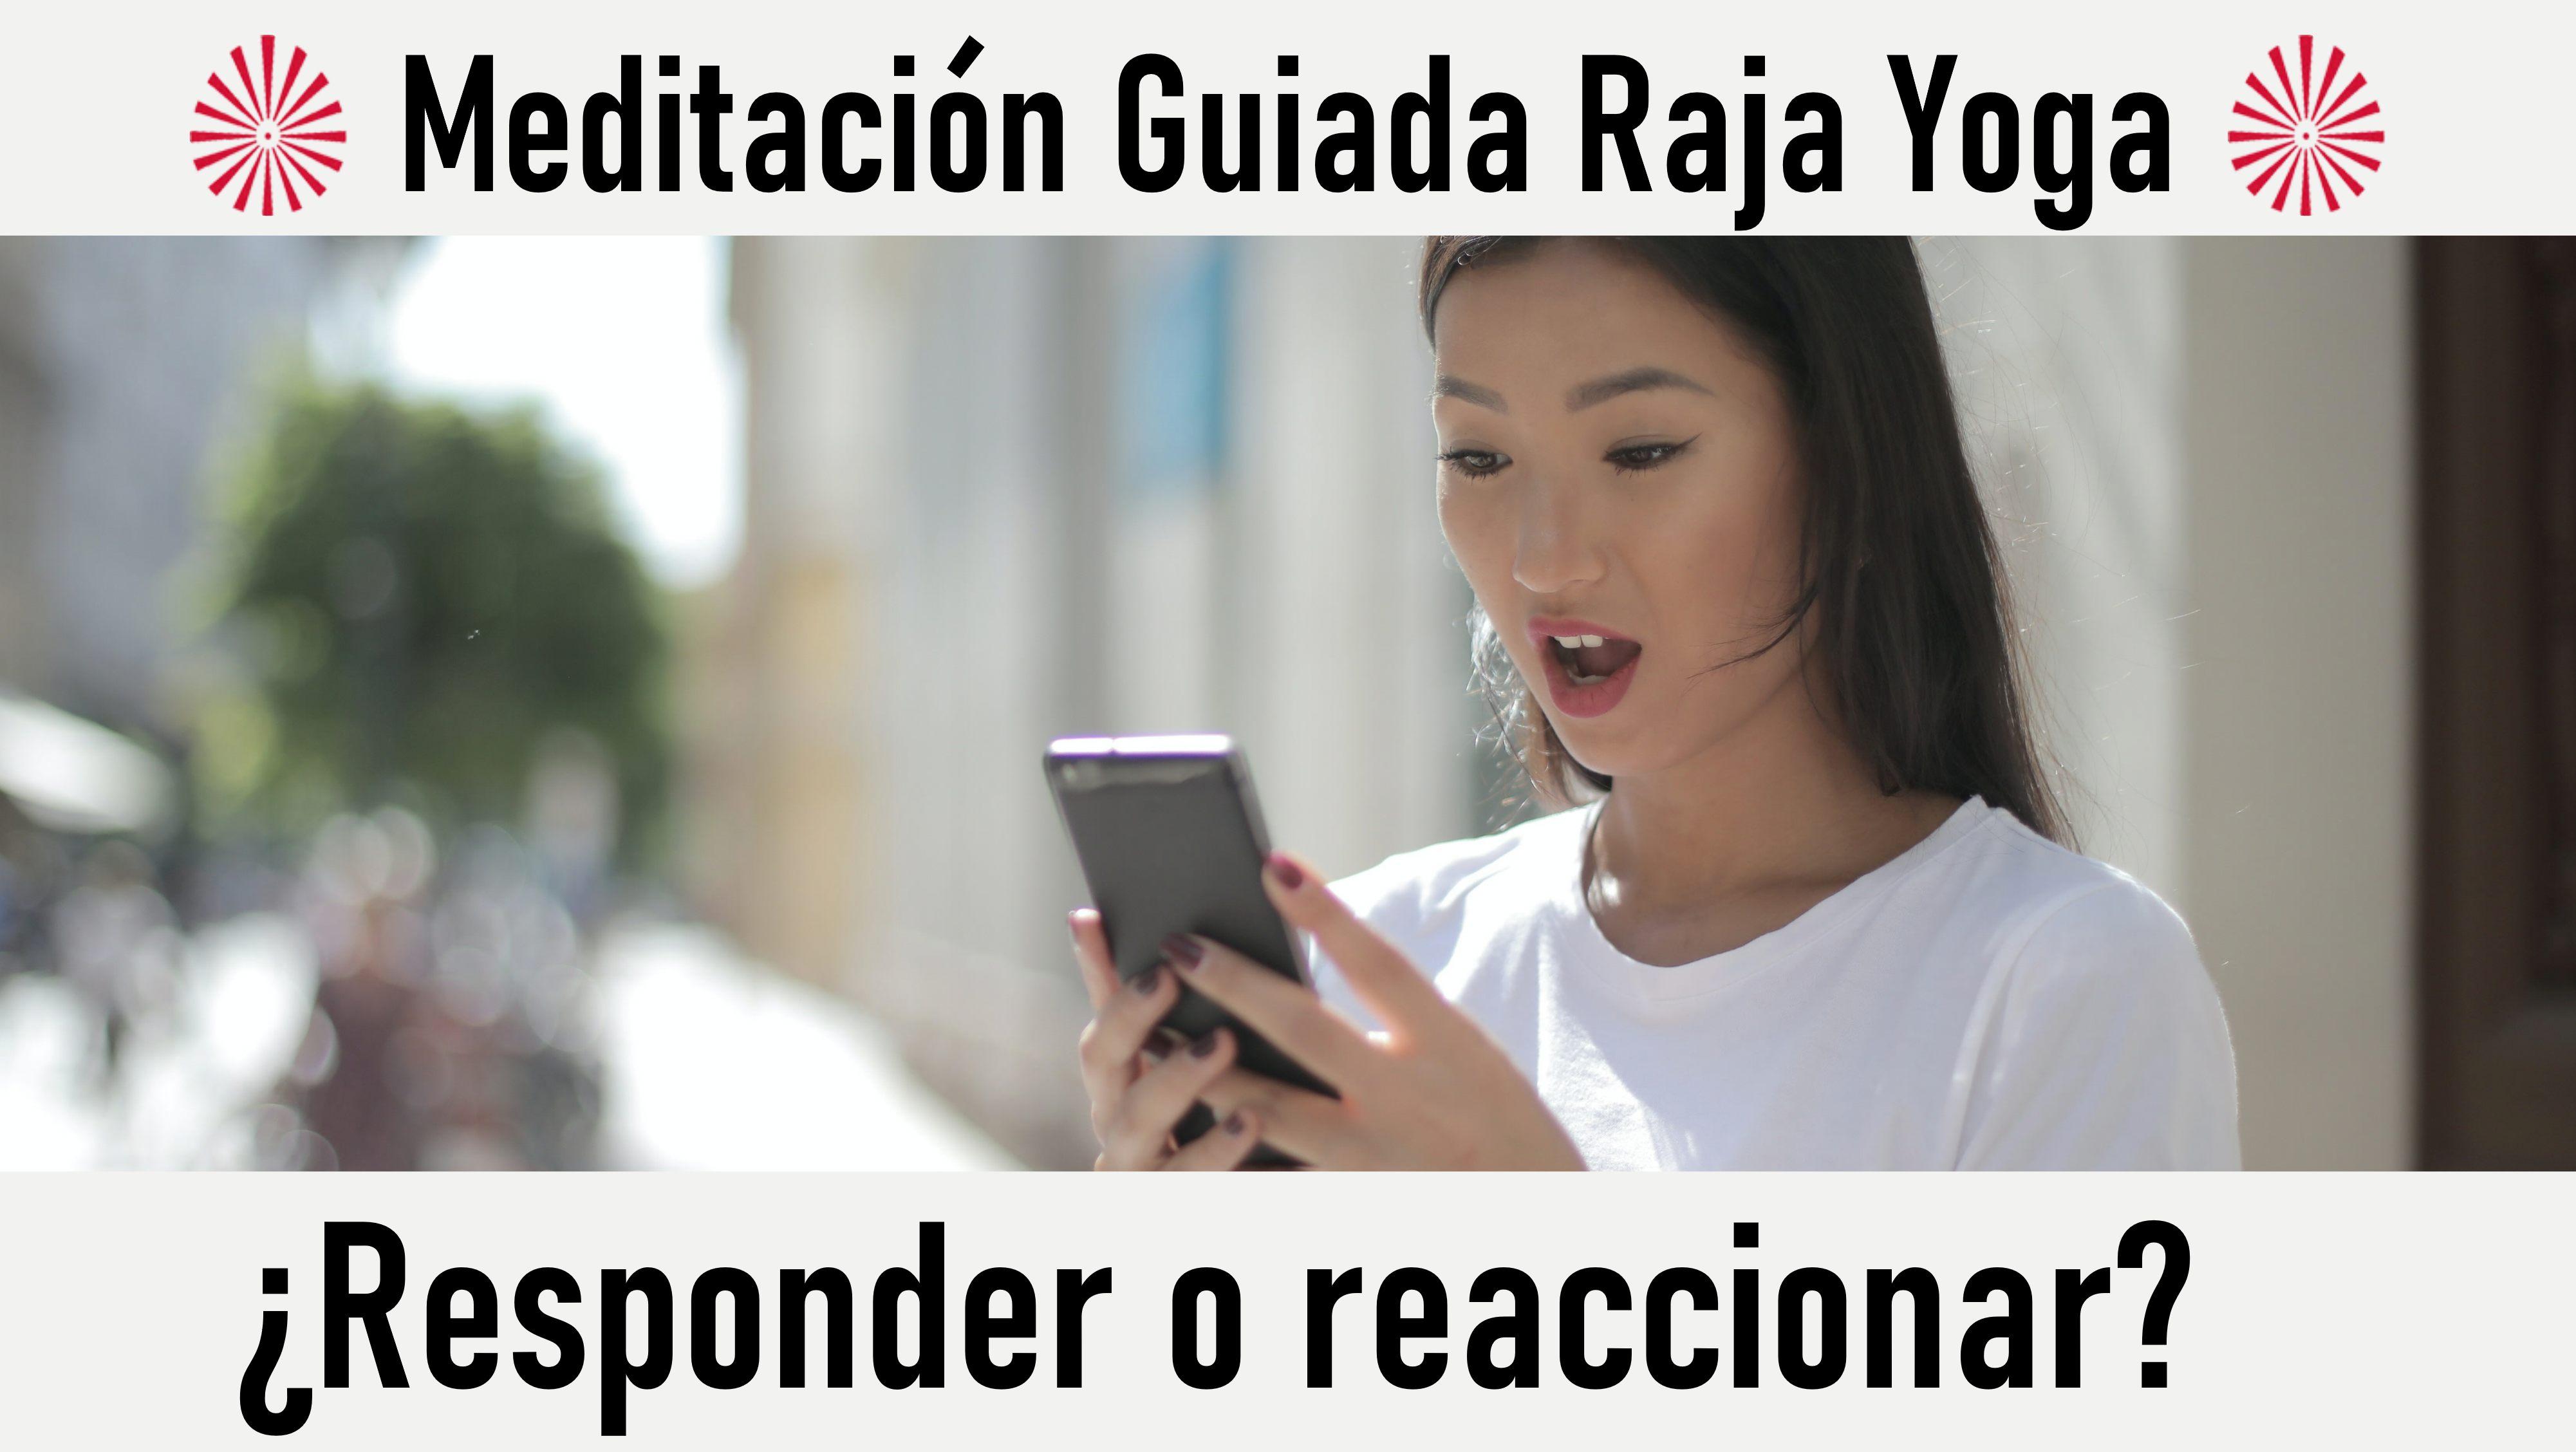 Meditación Raja Yoga: ¿Responder o reaccionar? (7 Octubre 2020) On-line desde Sevilla